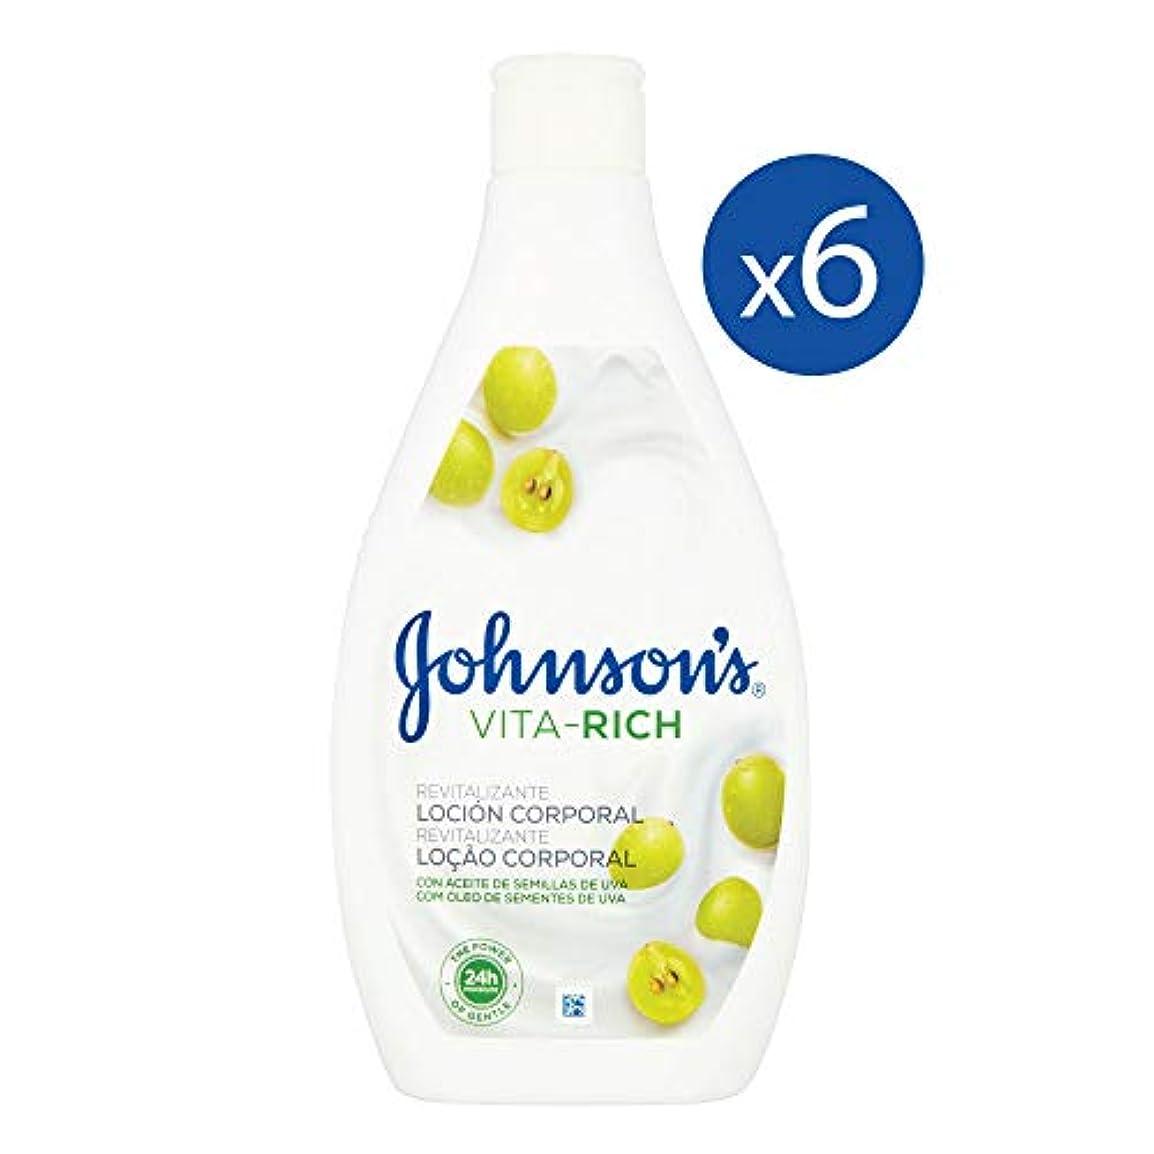 計器ブラインド失望Johnson's VitaリッチリバイタリザンテUvas Body Lotion、400 ml